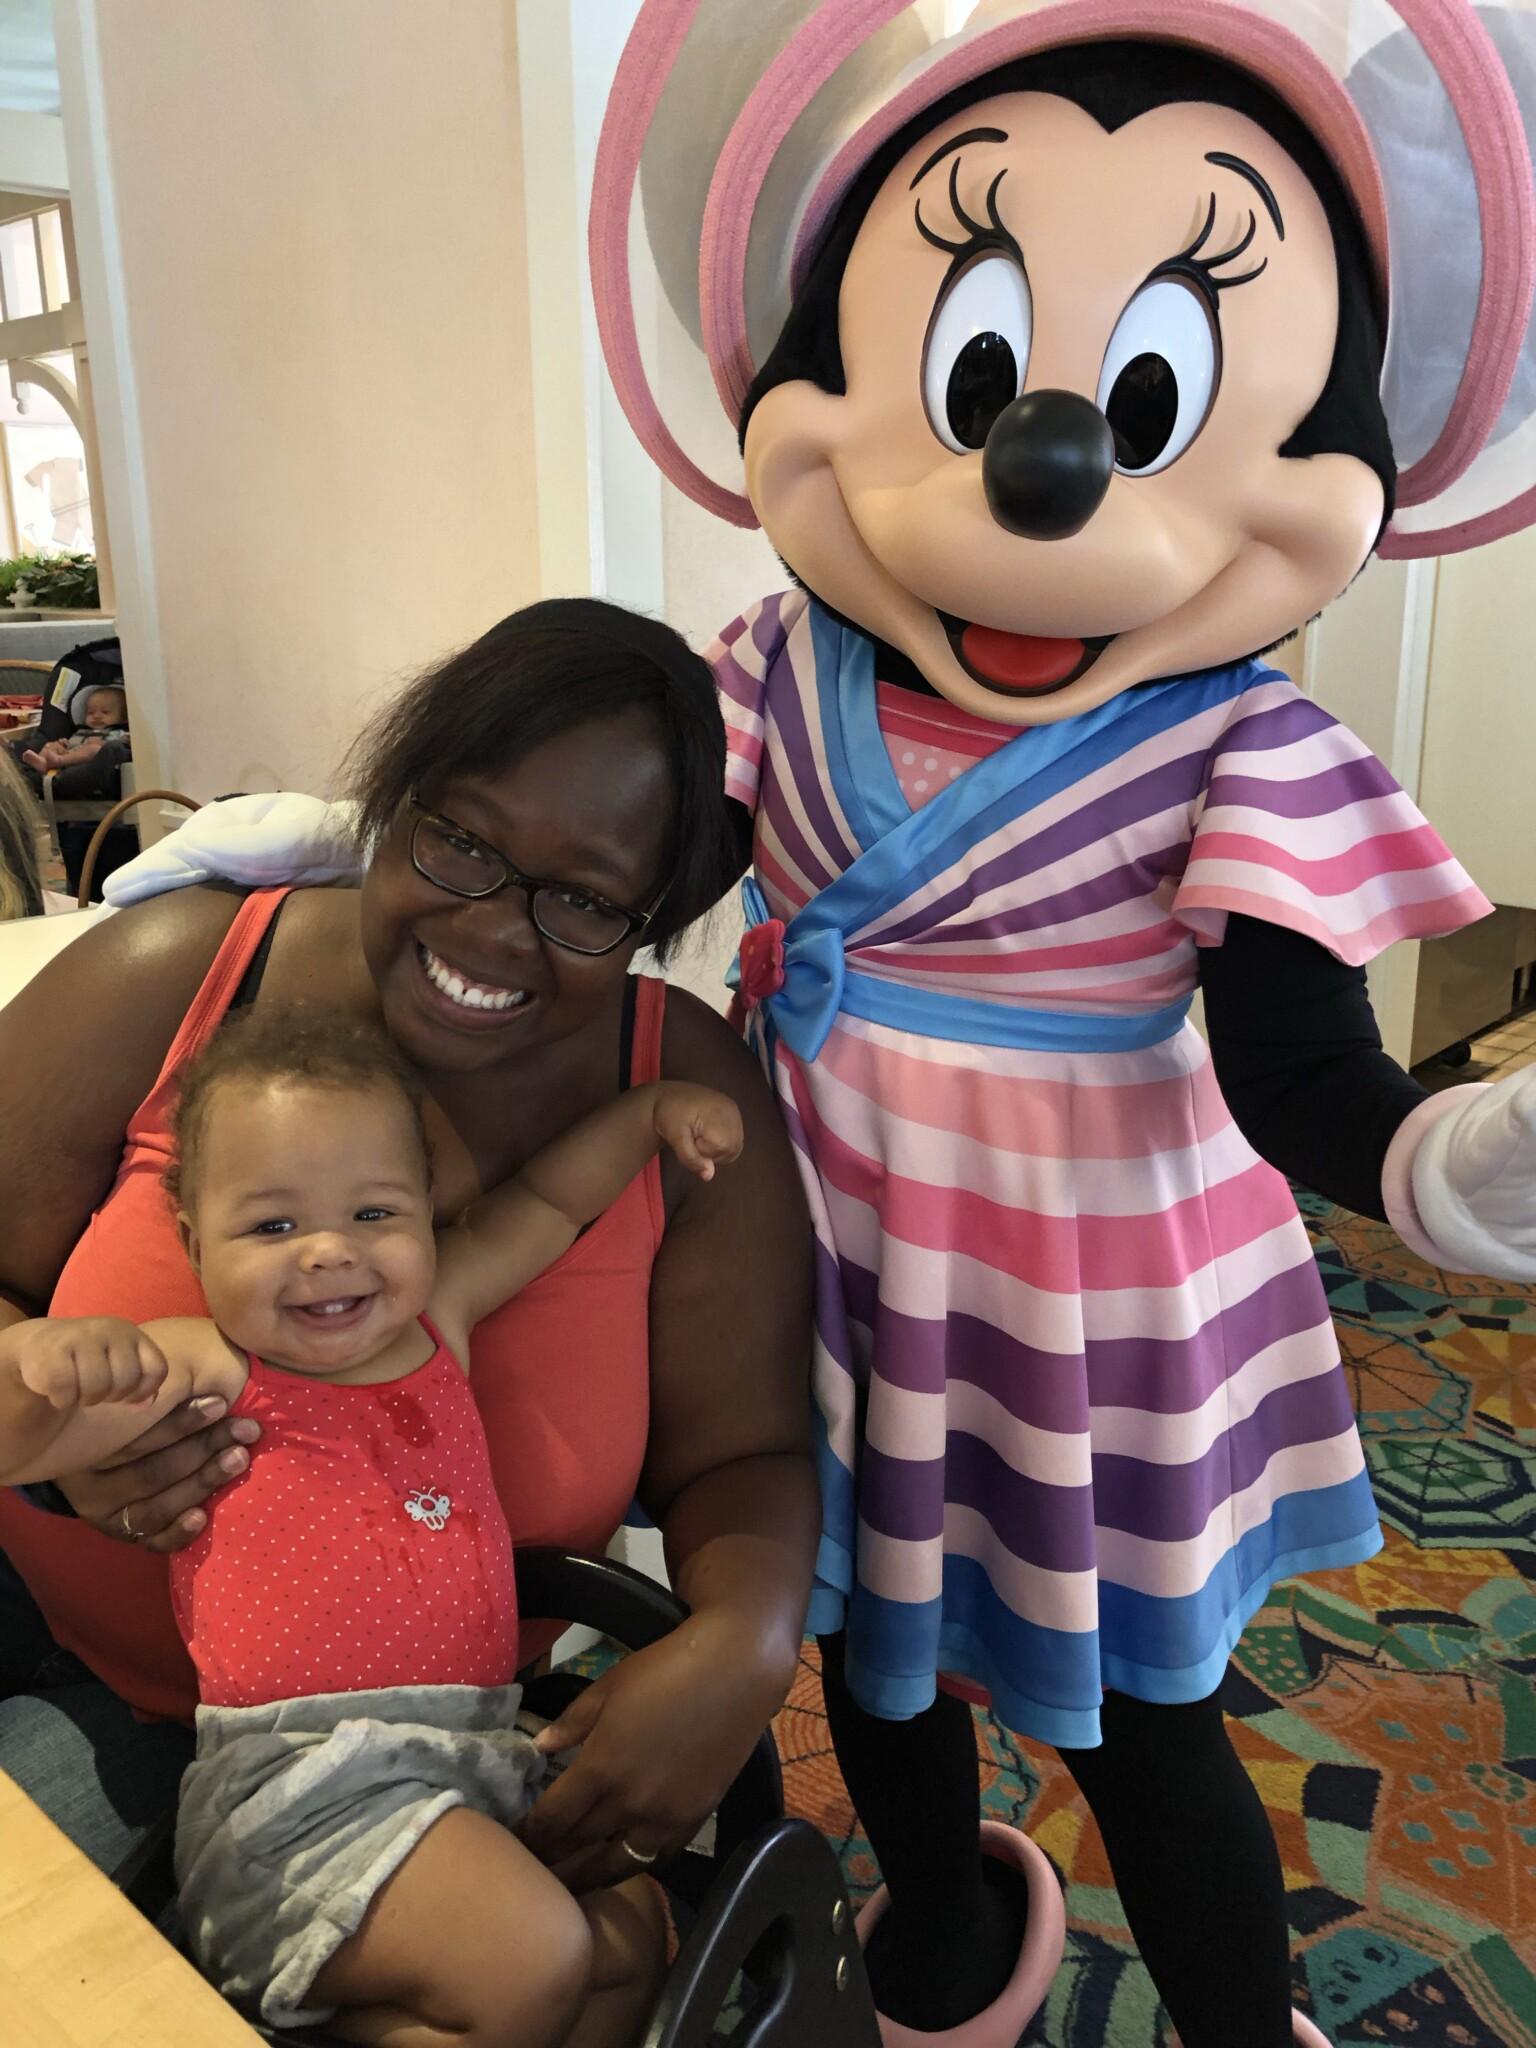 2 semaines en Floride avec un bébé de 1 an - Séjour du 2 au 16 mai 2019 DCL + WDW - Page 18 IMG_9219-1536x2048